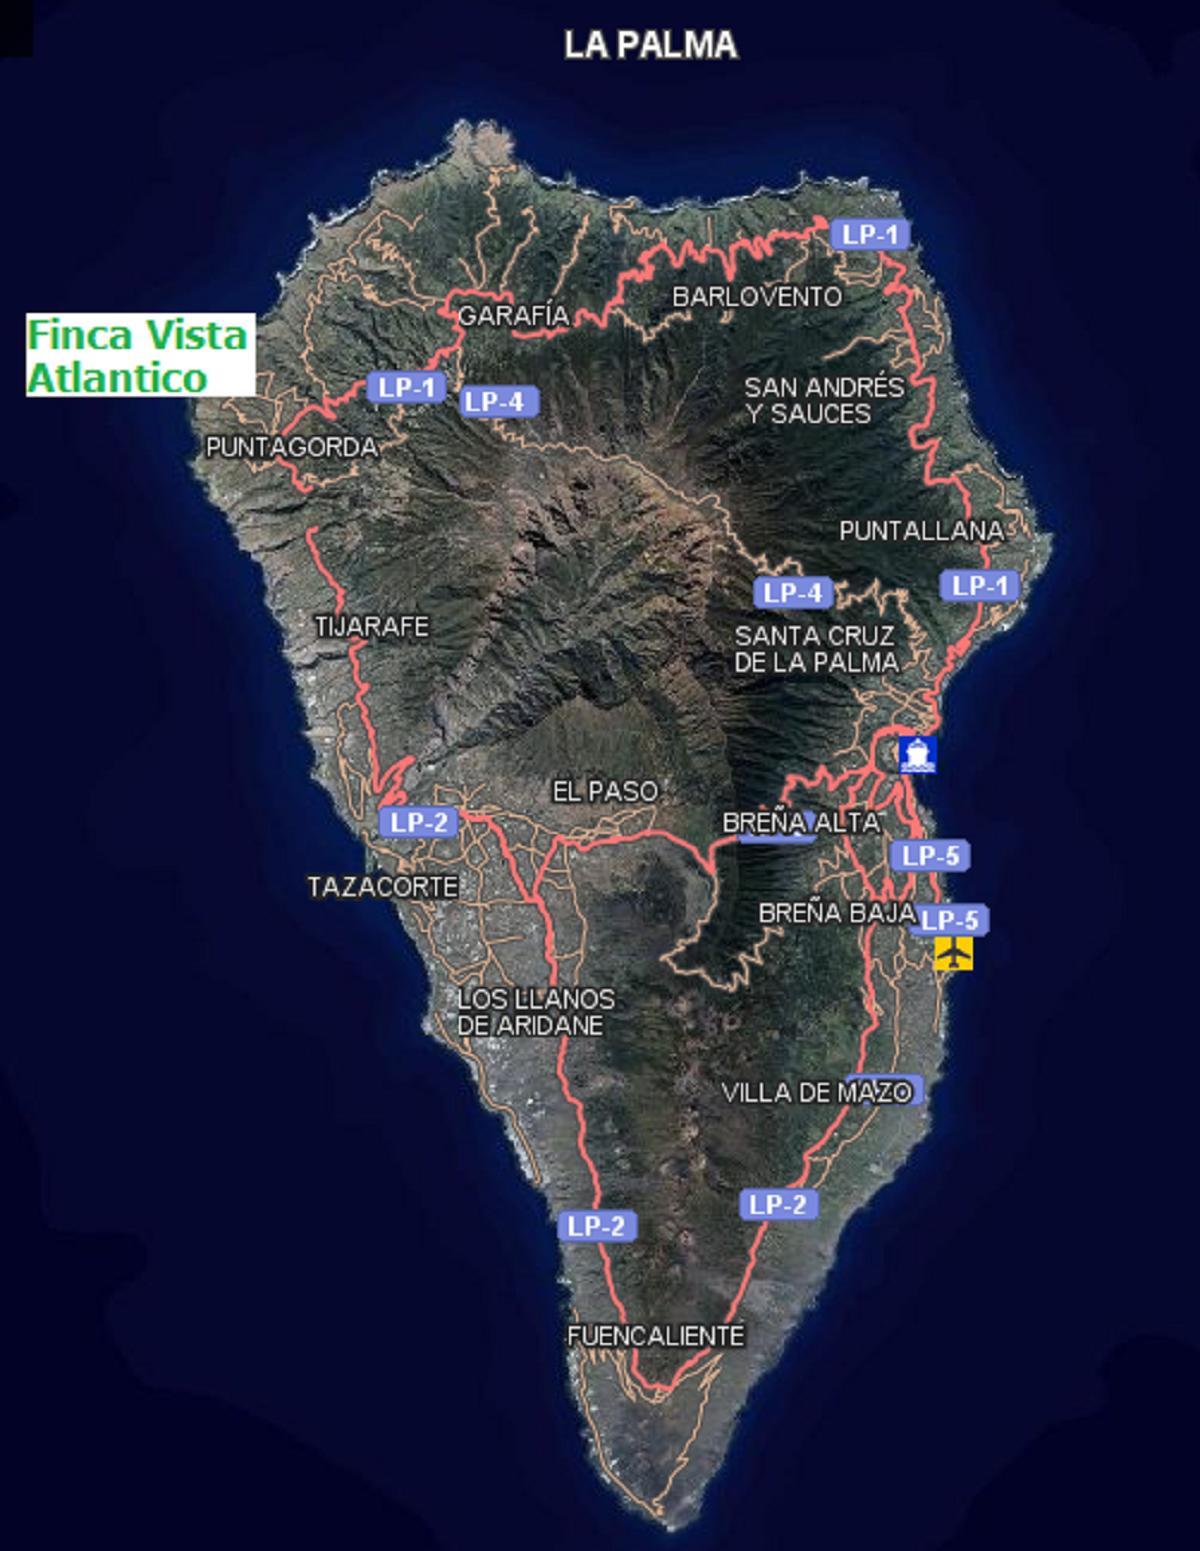 La Palma Westküste Insel - Urlaub - Finca Vista Atlantico, La Palma